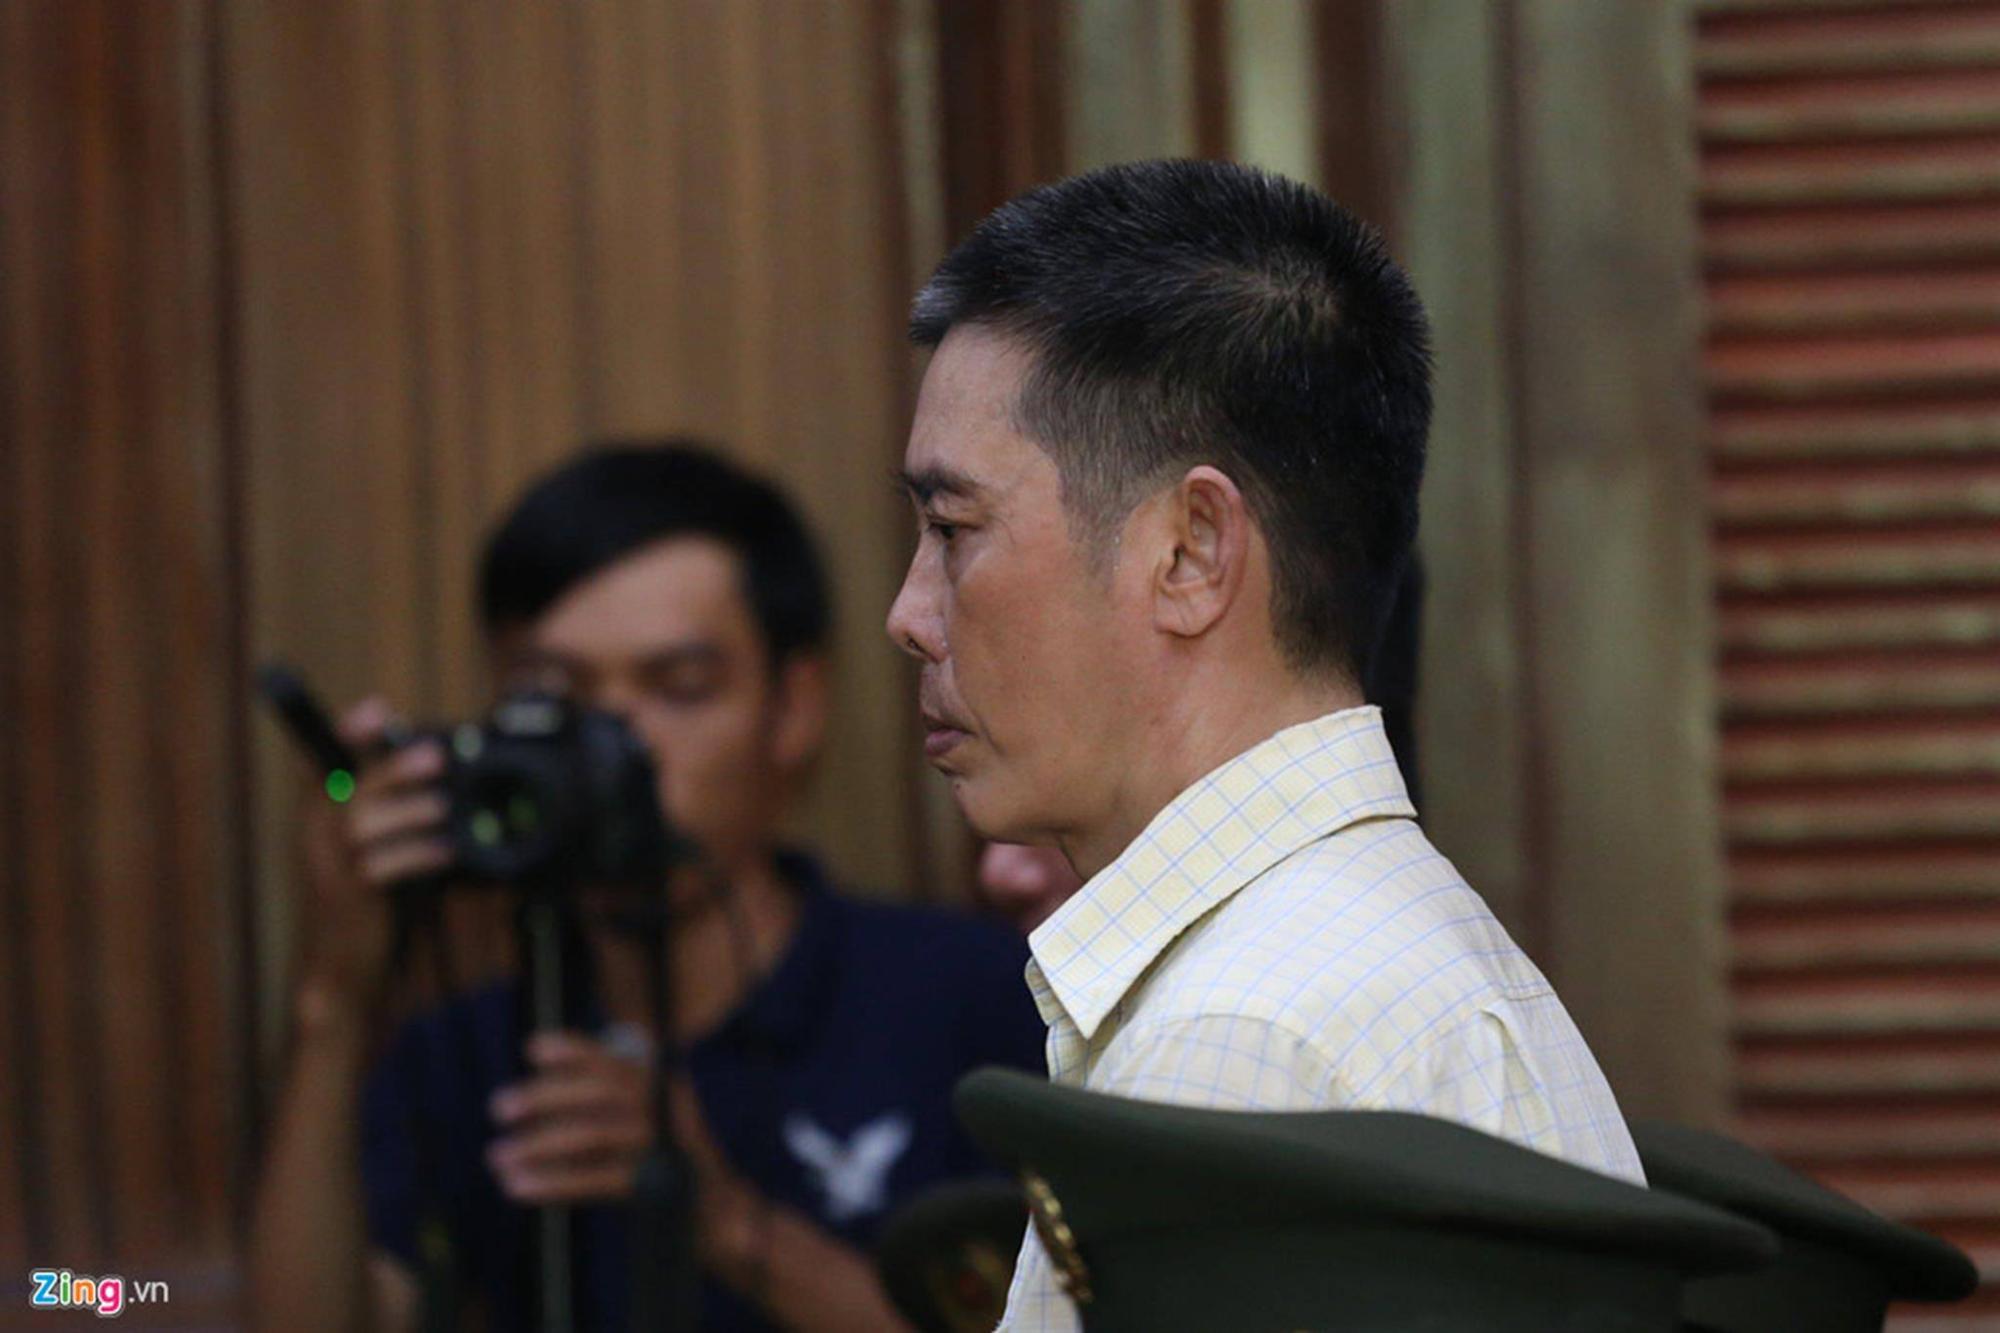 Cảm xúc trái chiều của Ngọc Miu và nhiều bị cáo khi VKS đề nghị án-10